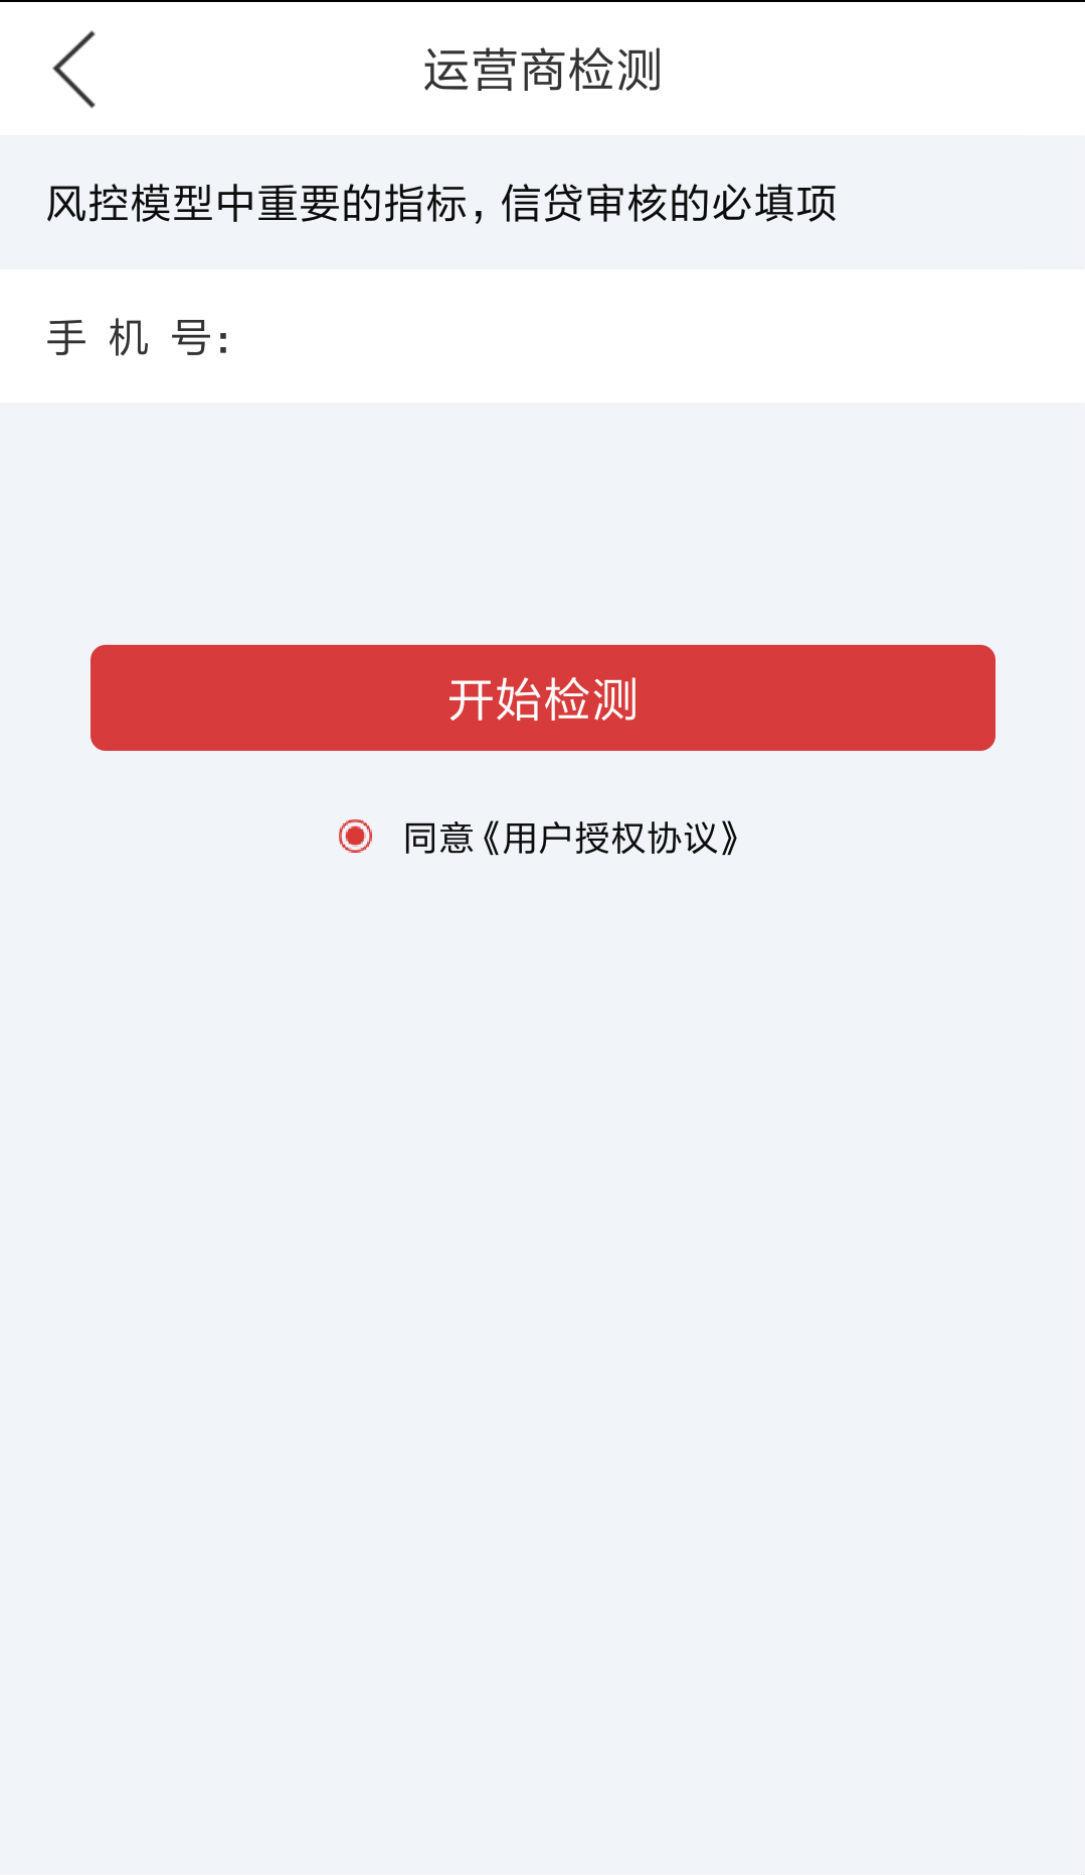 有鱼钱包app官方手机版下载  v1.0.0图2